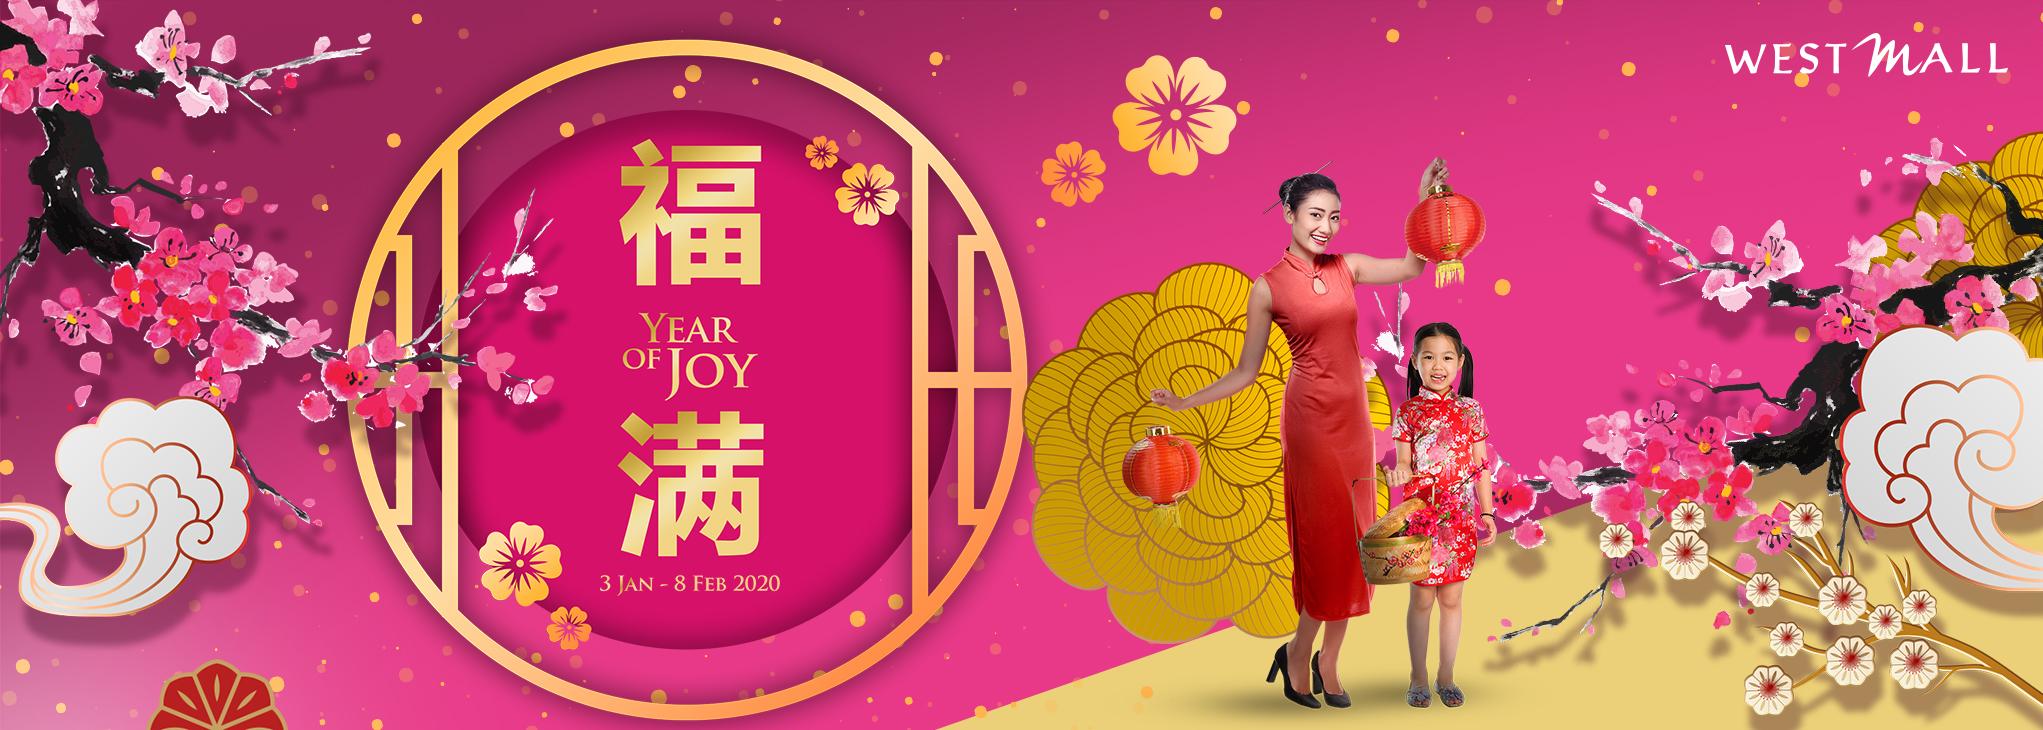 CNY2020_slide banner